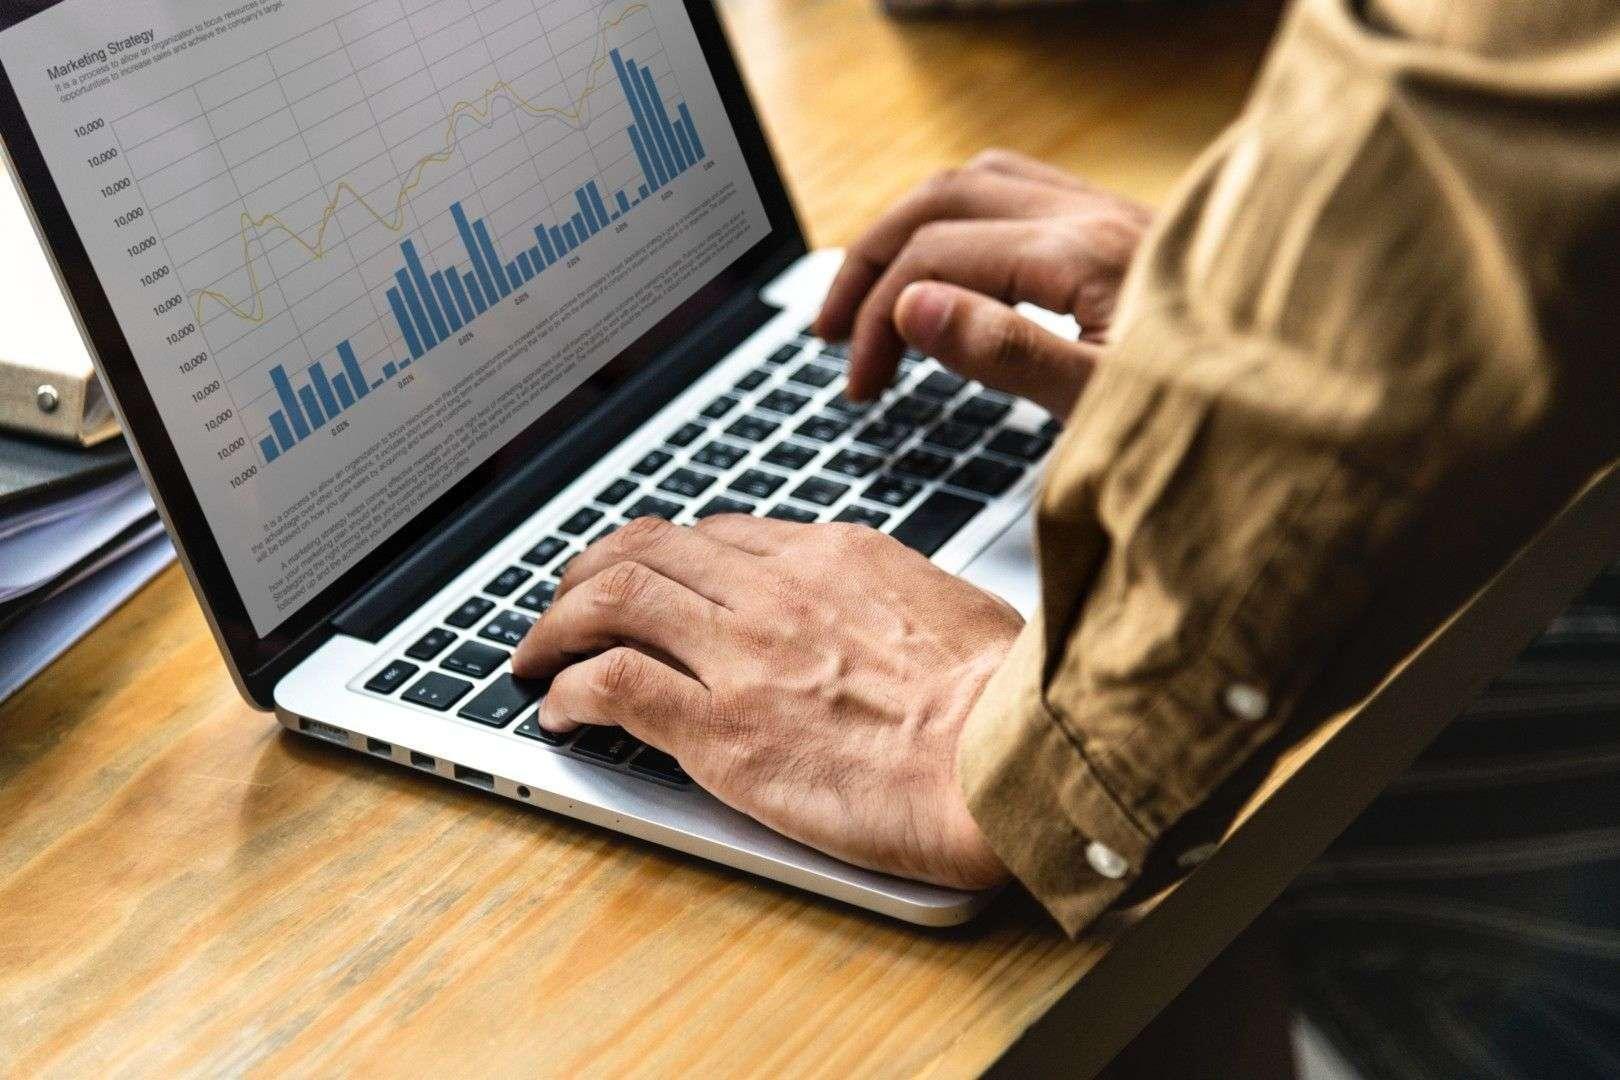 account-based-marketing/abm-benchmarks